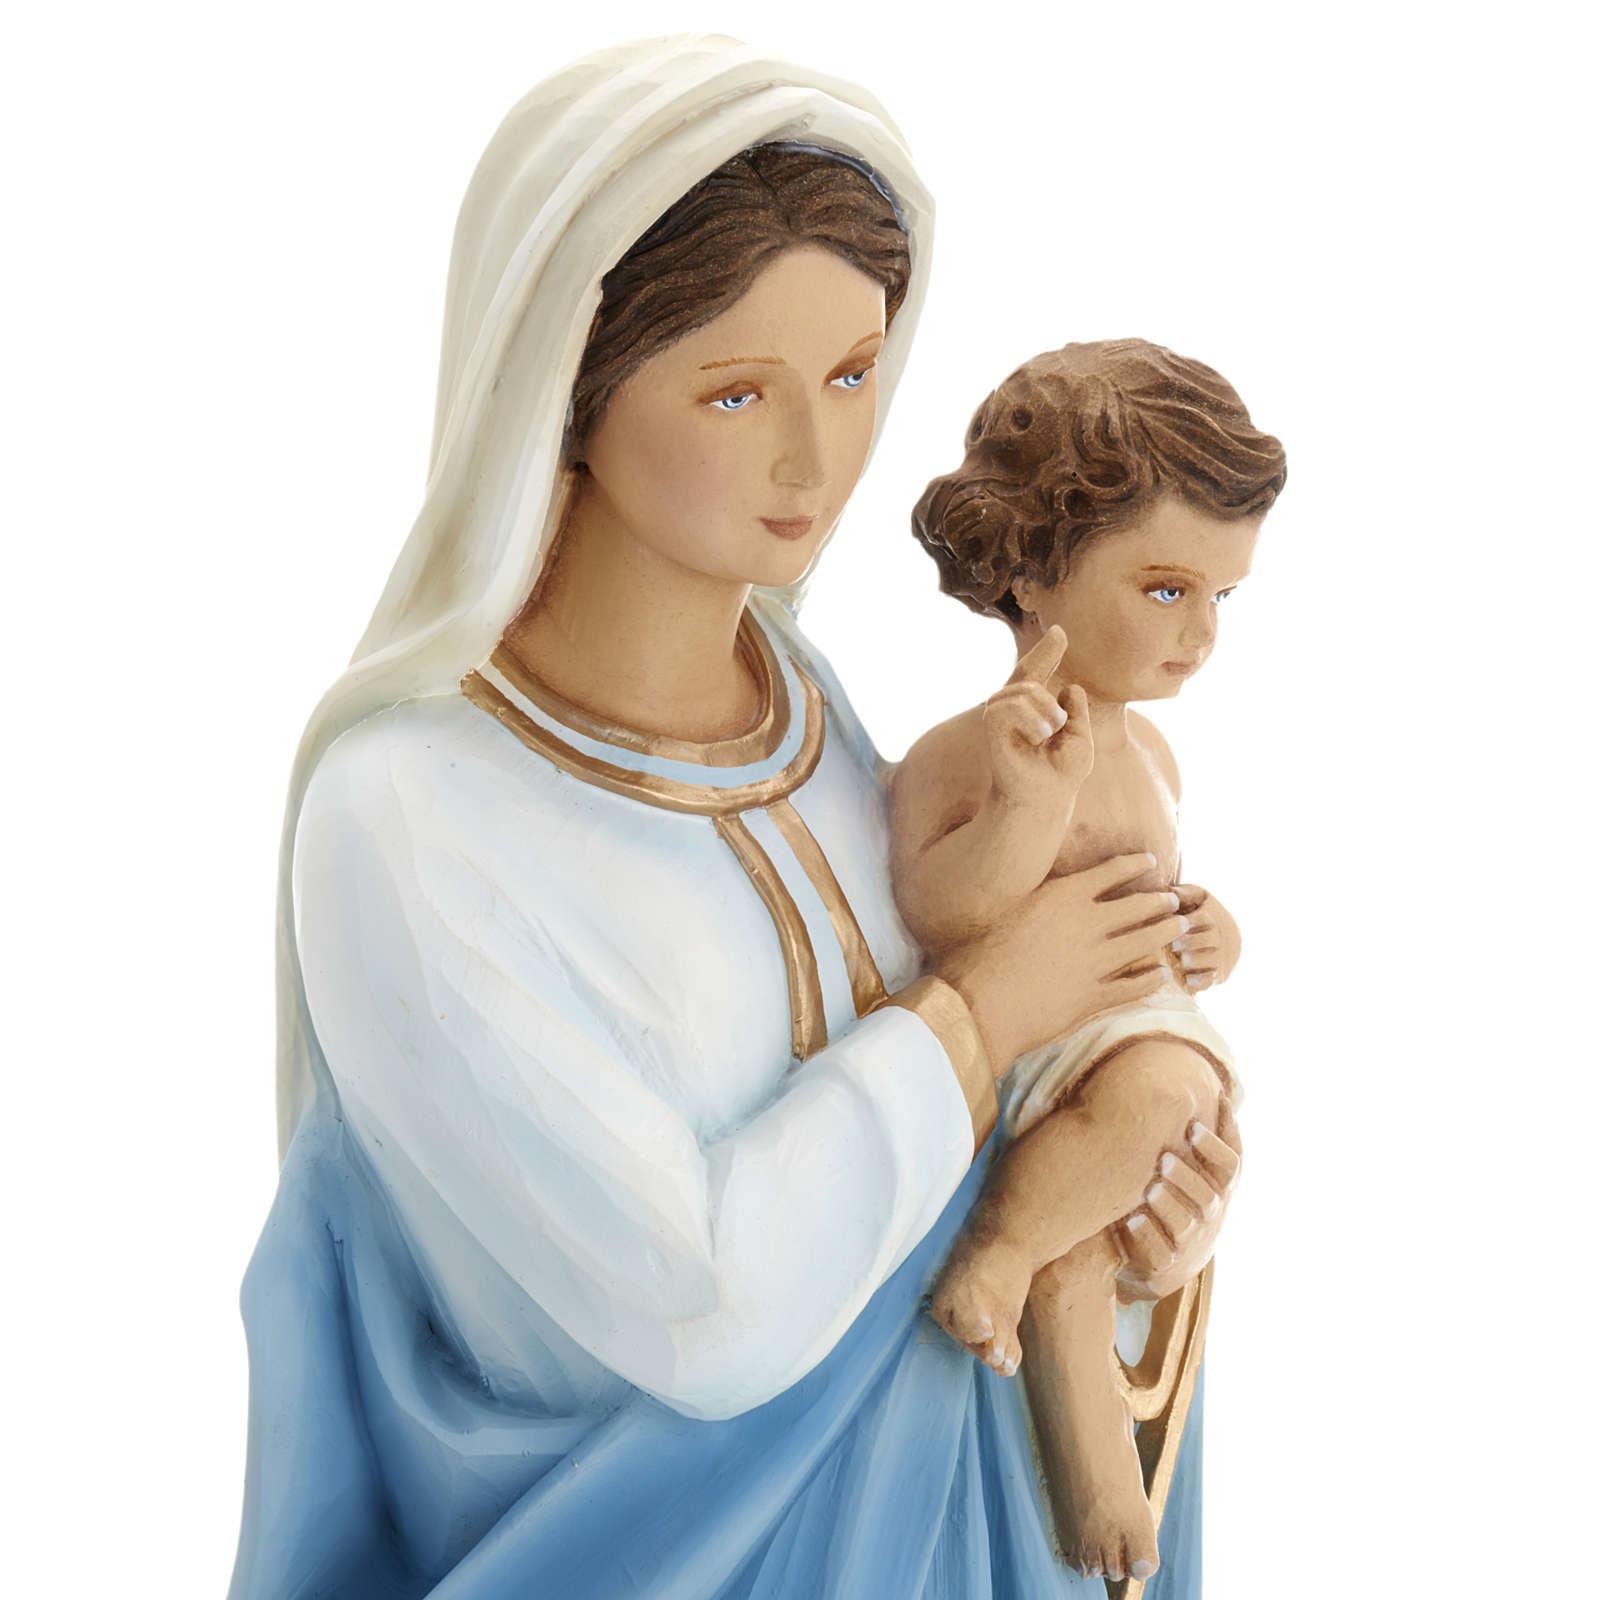 Virgen Mária con Niño 60 cm fibra de vidrio 4